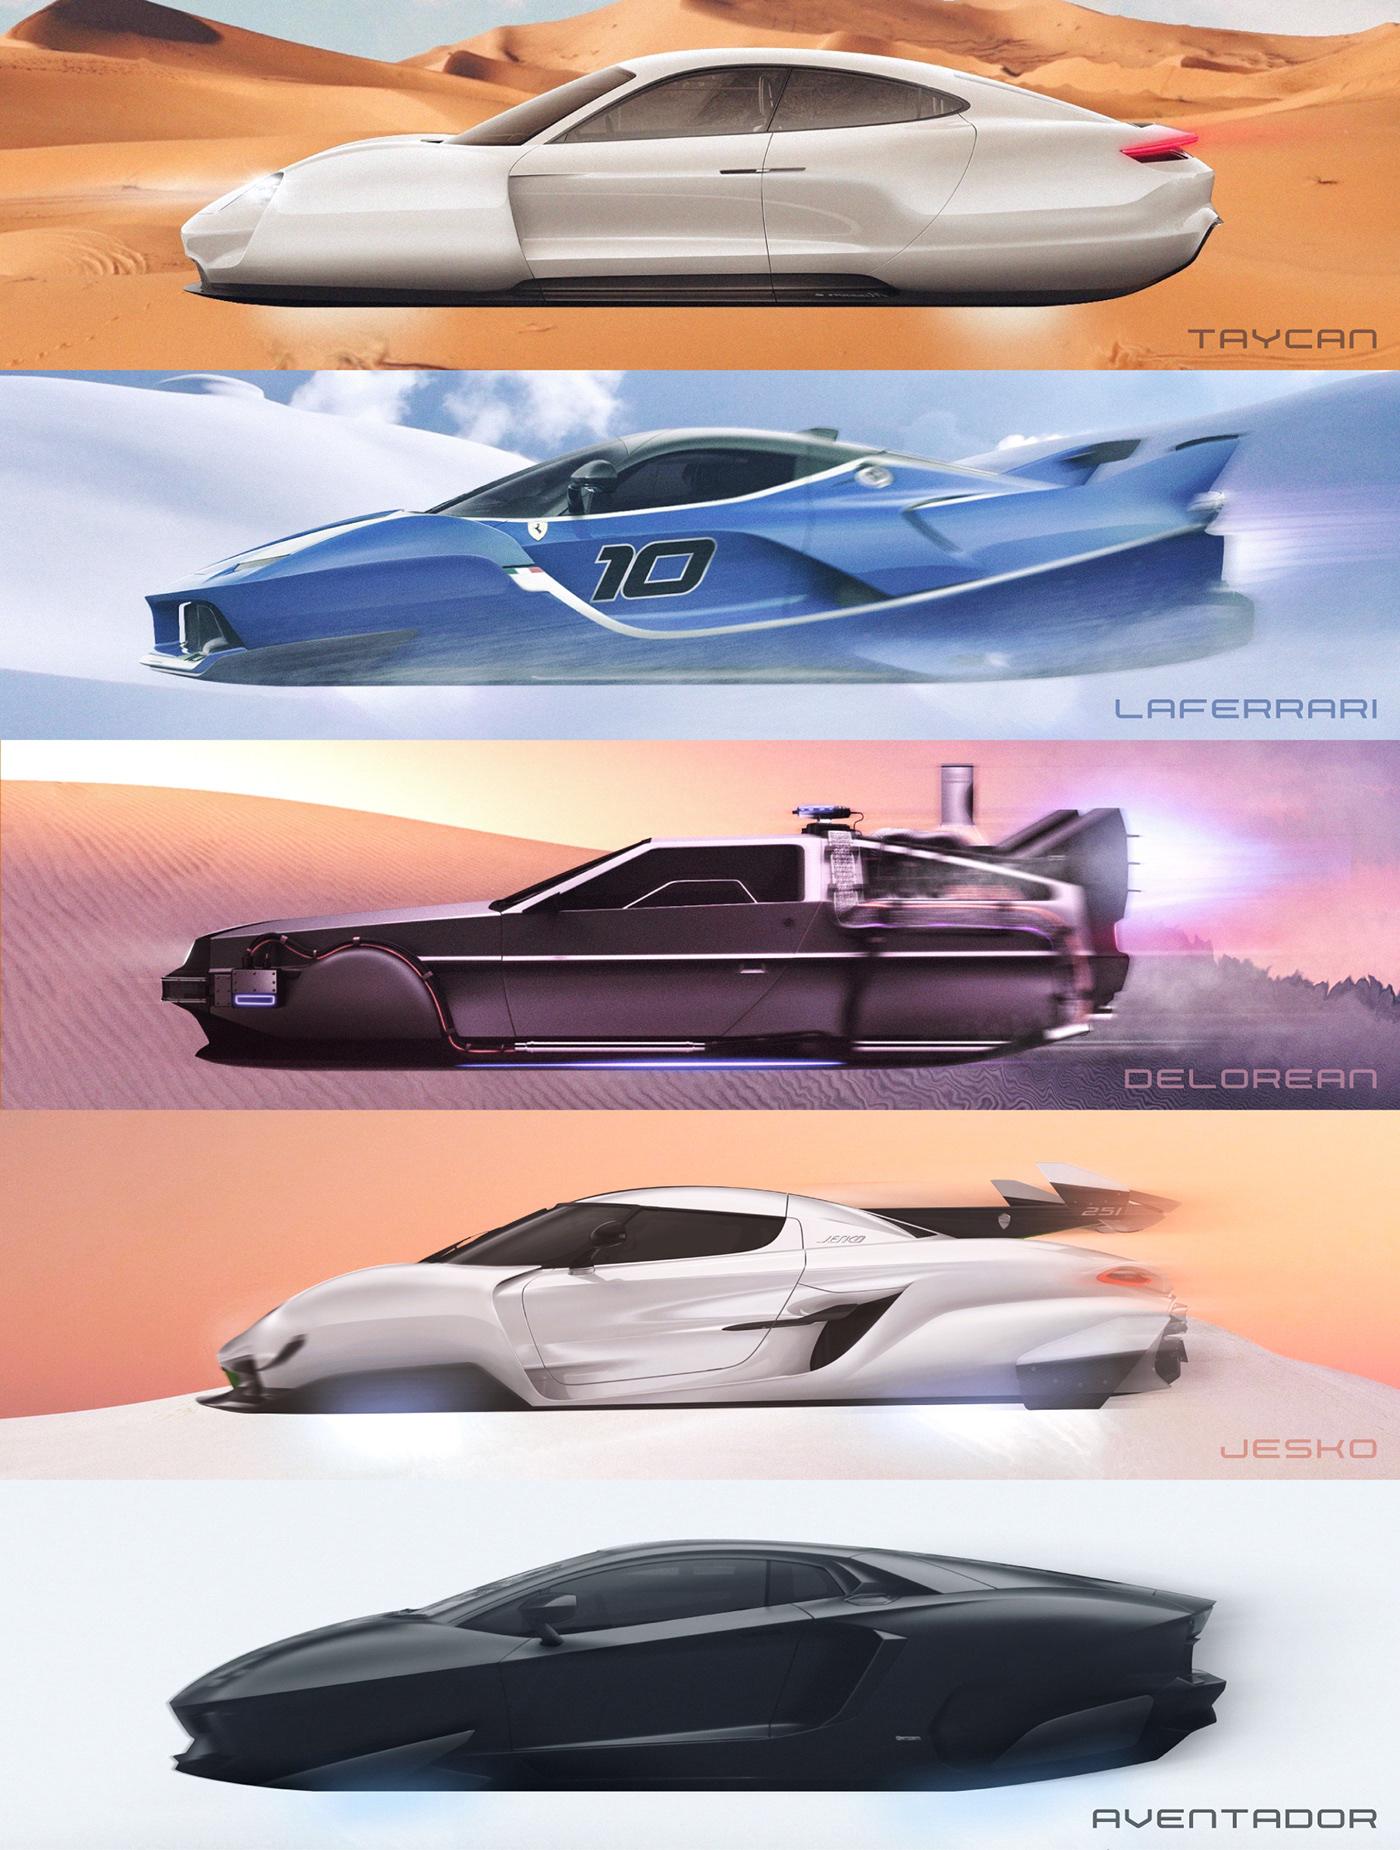 automobile Cars DeLorean FERRARI future futuristic graphic design  Koenigsegg lamborghini Porsche